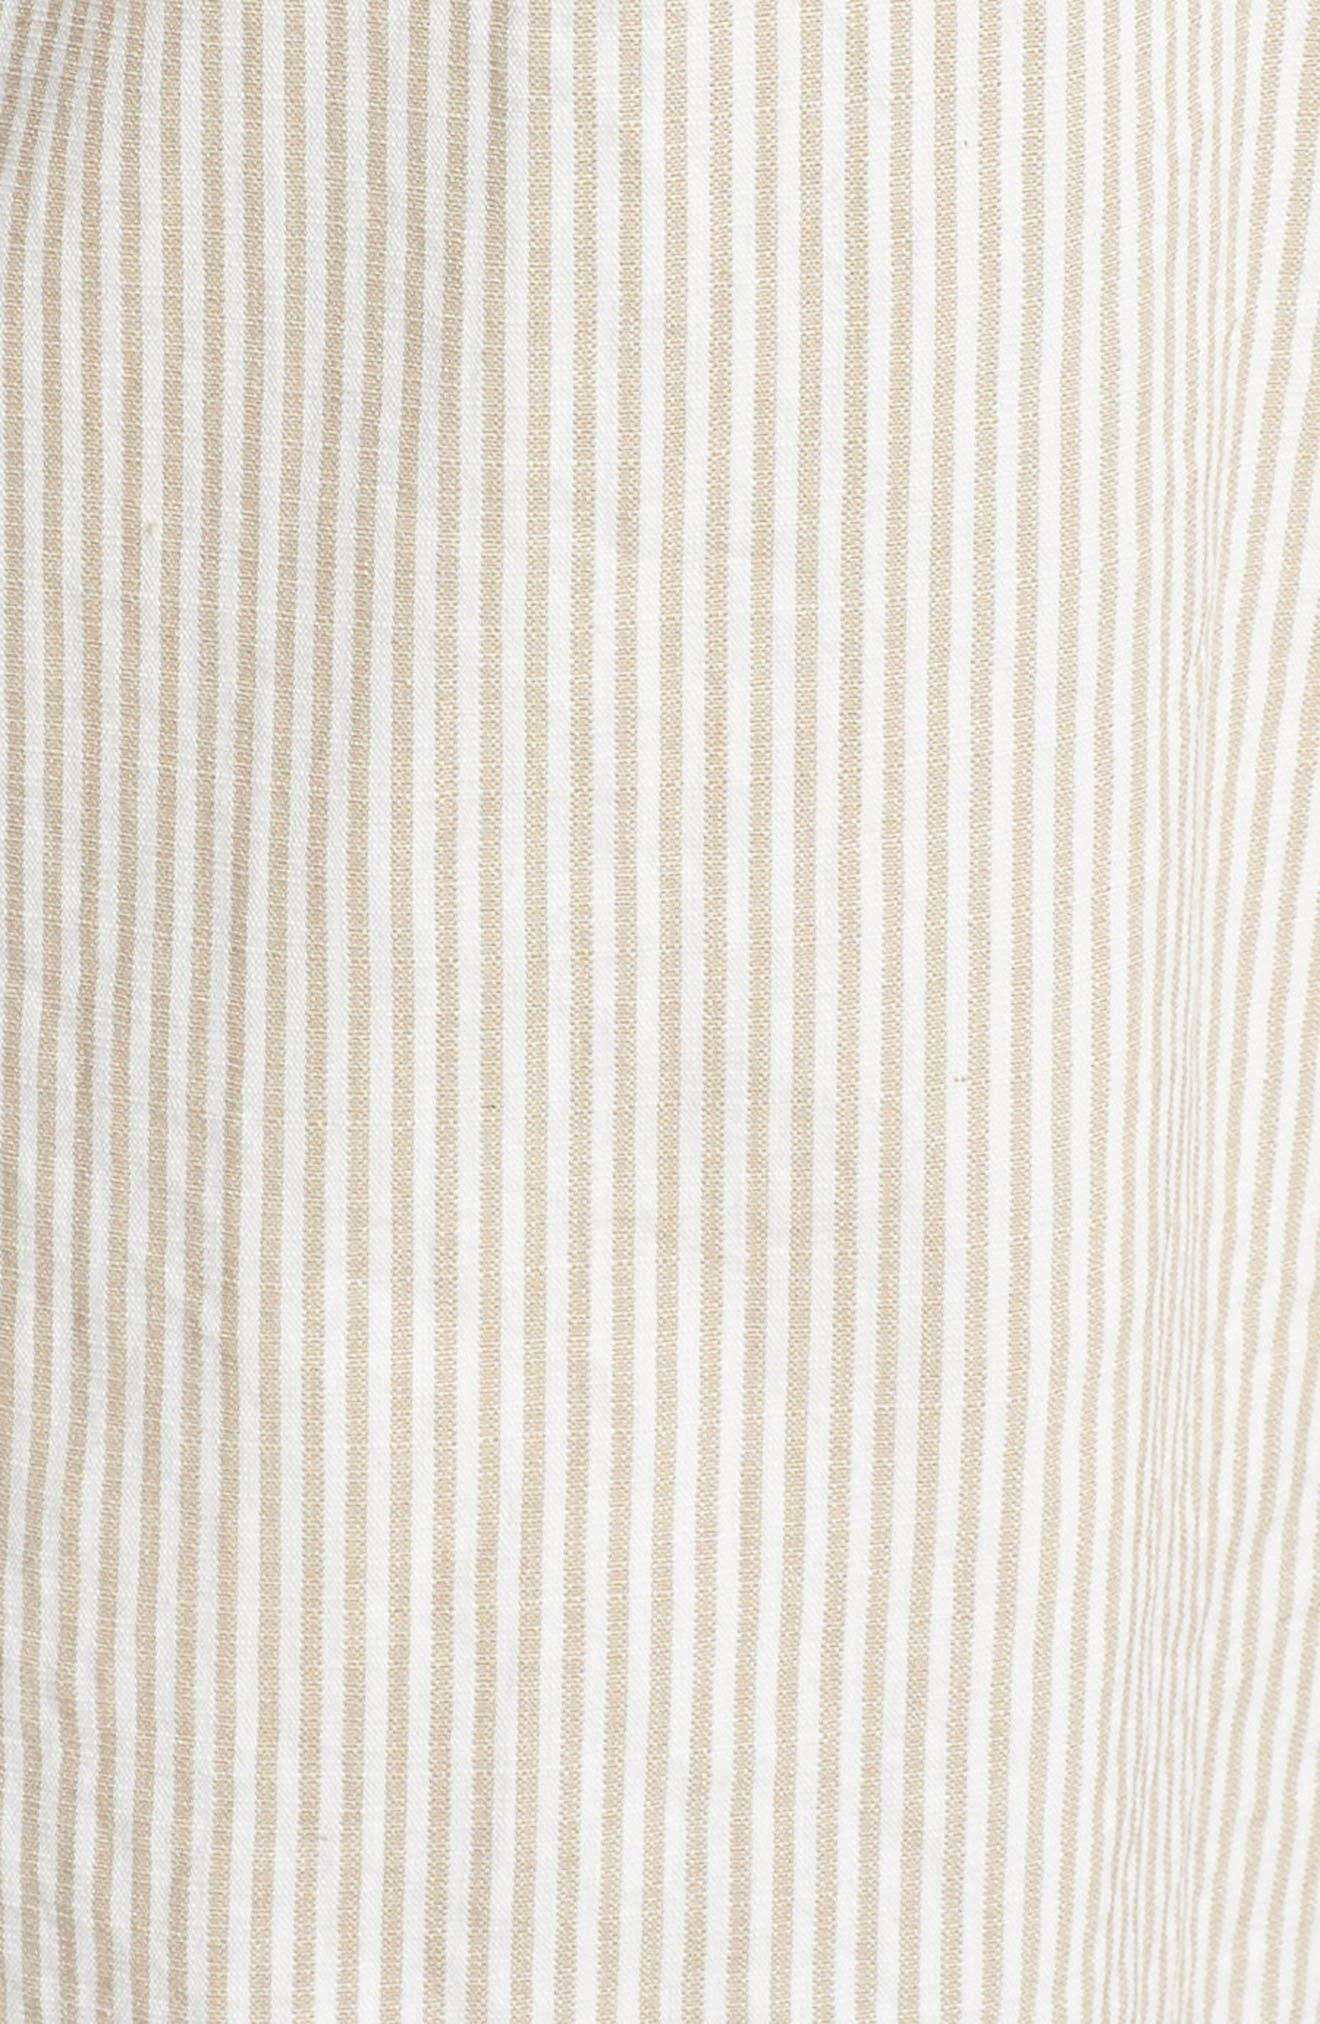 Stripe Ruffle Crop Jumpsuit,                             Alternate thumbnail 6, color,                             White-Oat